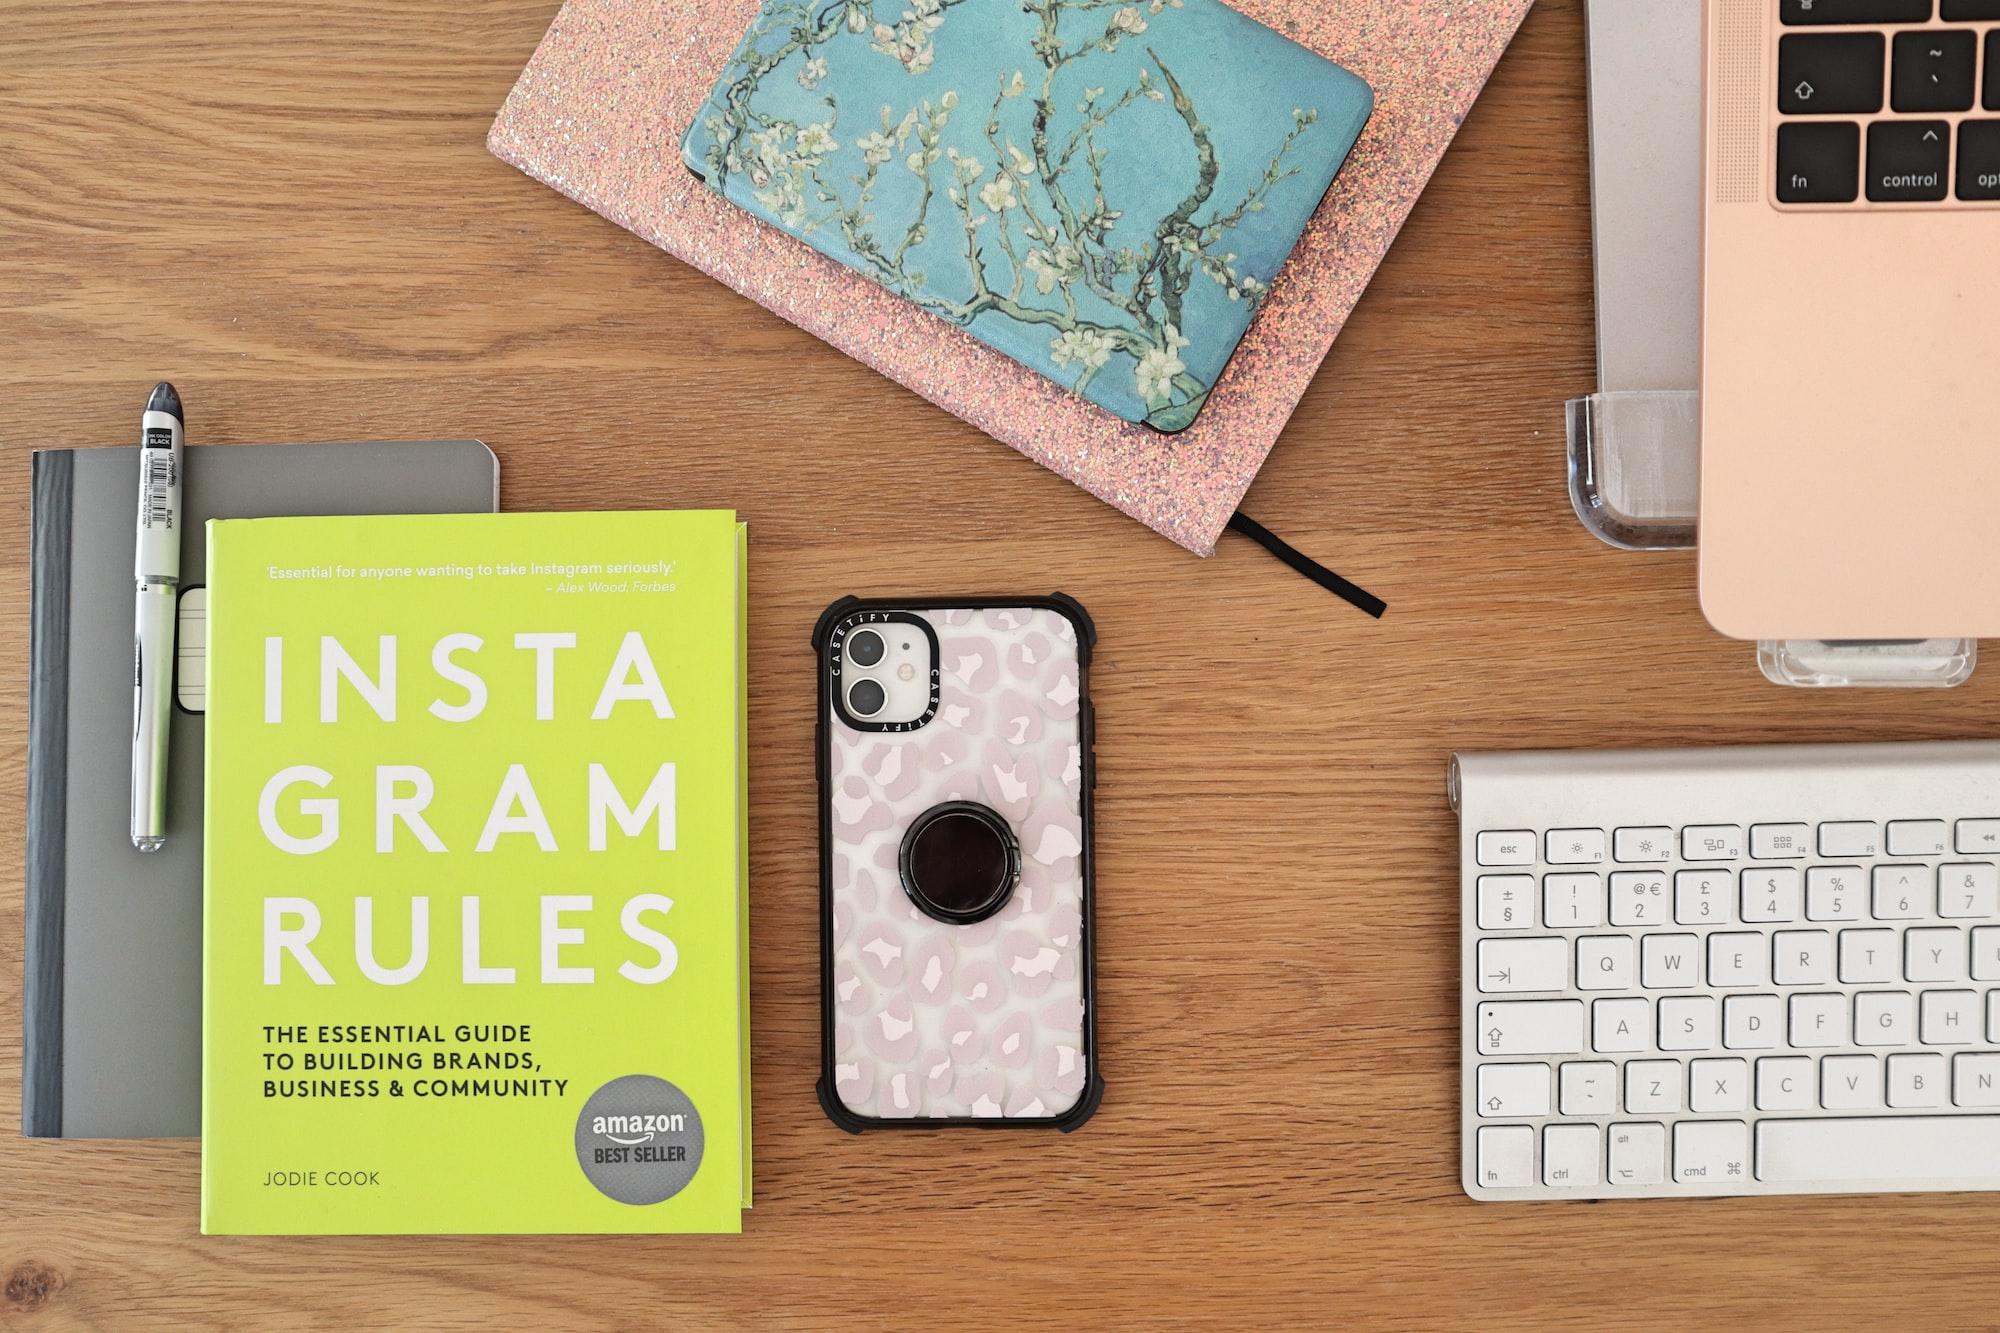 Combine Instagram Accounts: That's how to merge Instagram accounts